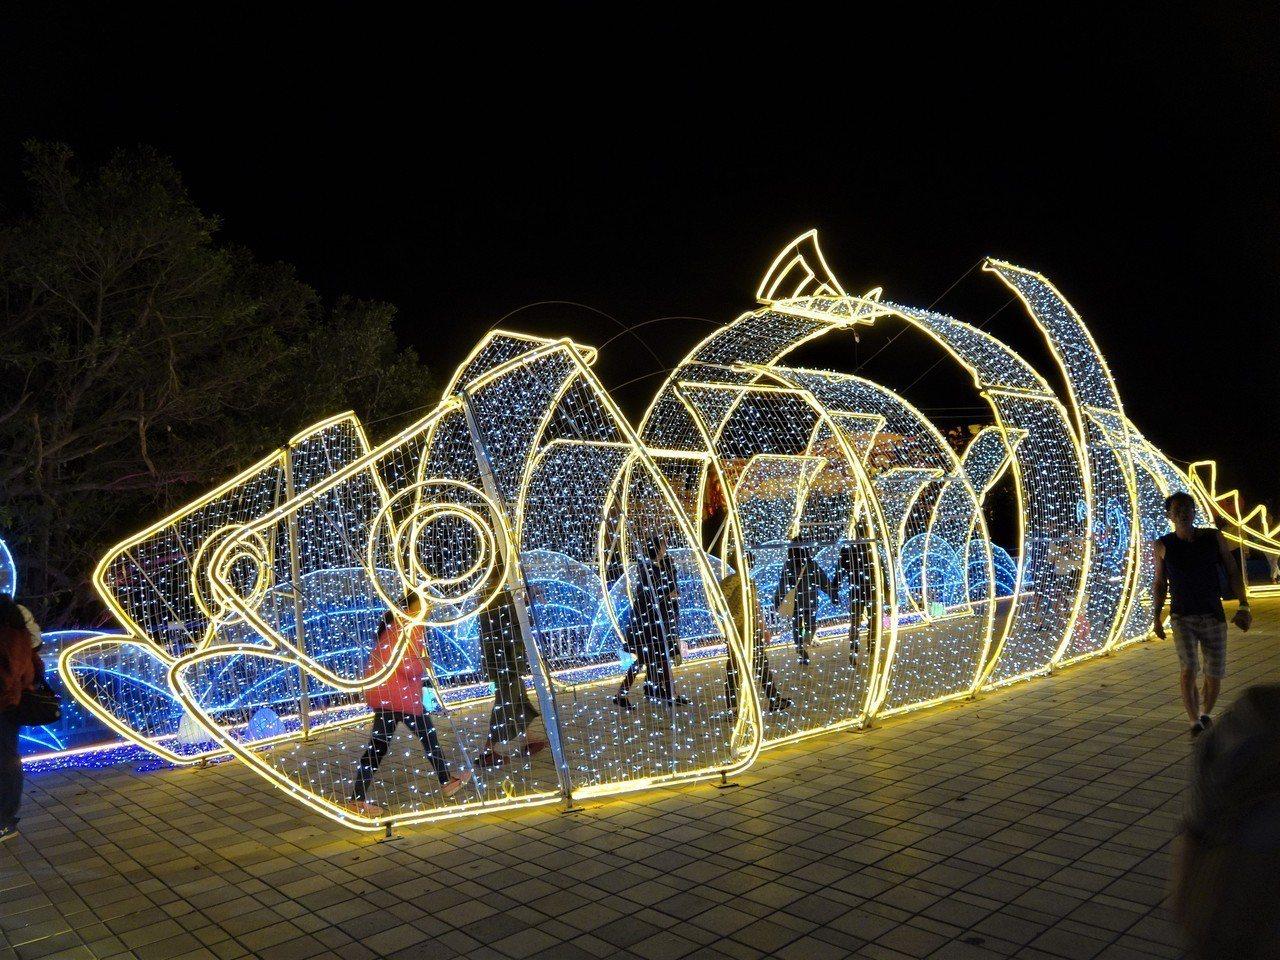 台灣燈會大鵬灣燈區試營運第2天湧入逾10萬遊客,遊客驚嘆聲和歡笑聲不絕於耳。記者...